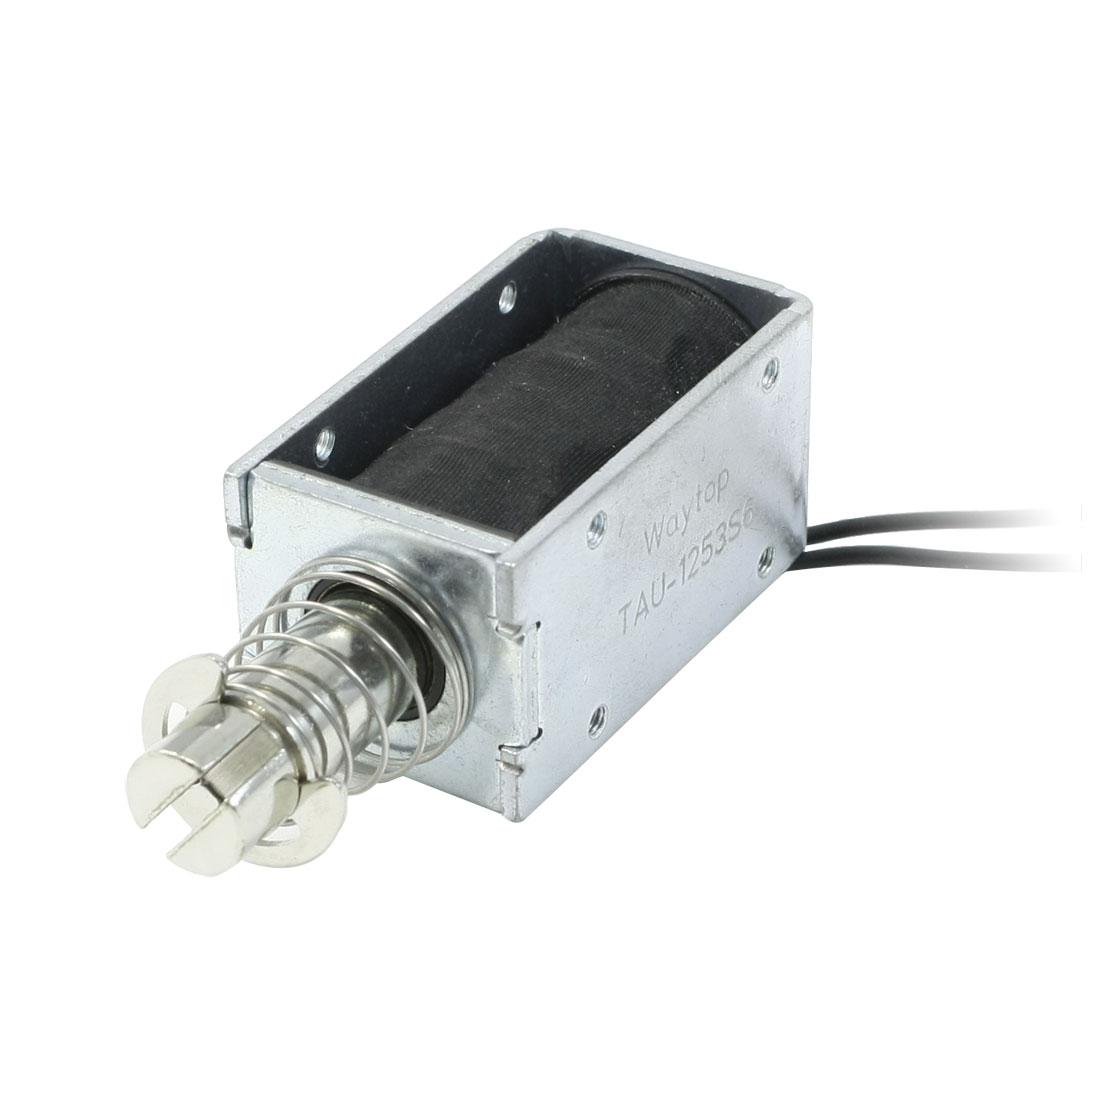 12mm Stroke 0.04Kg Force DC 24V 600mA Push Linear Solenoid Electromagnet